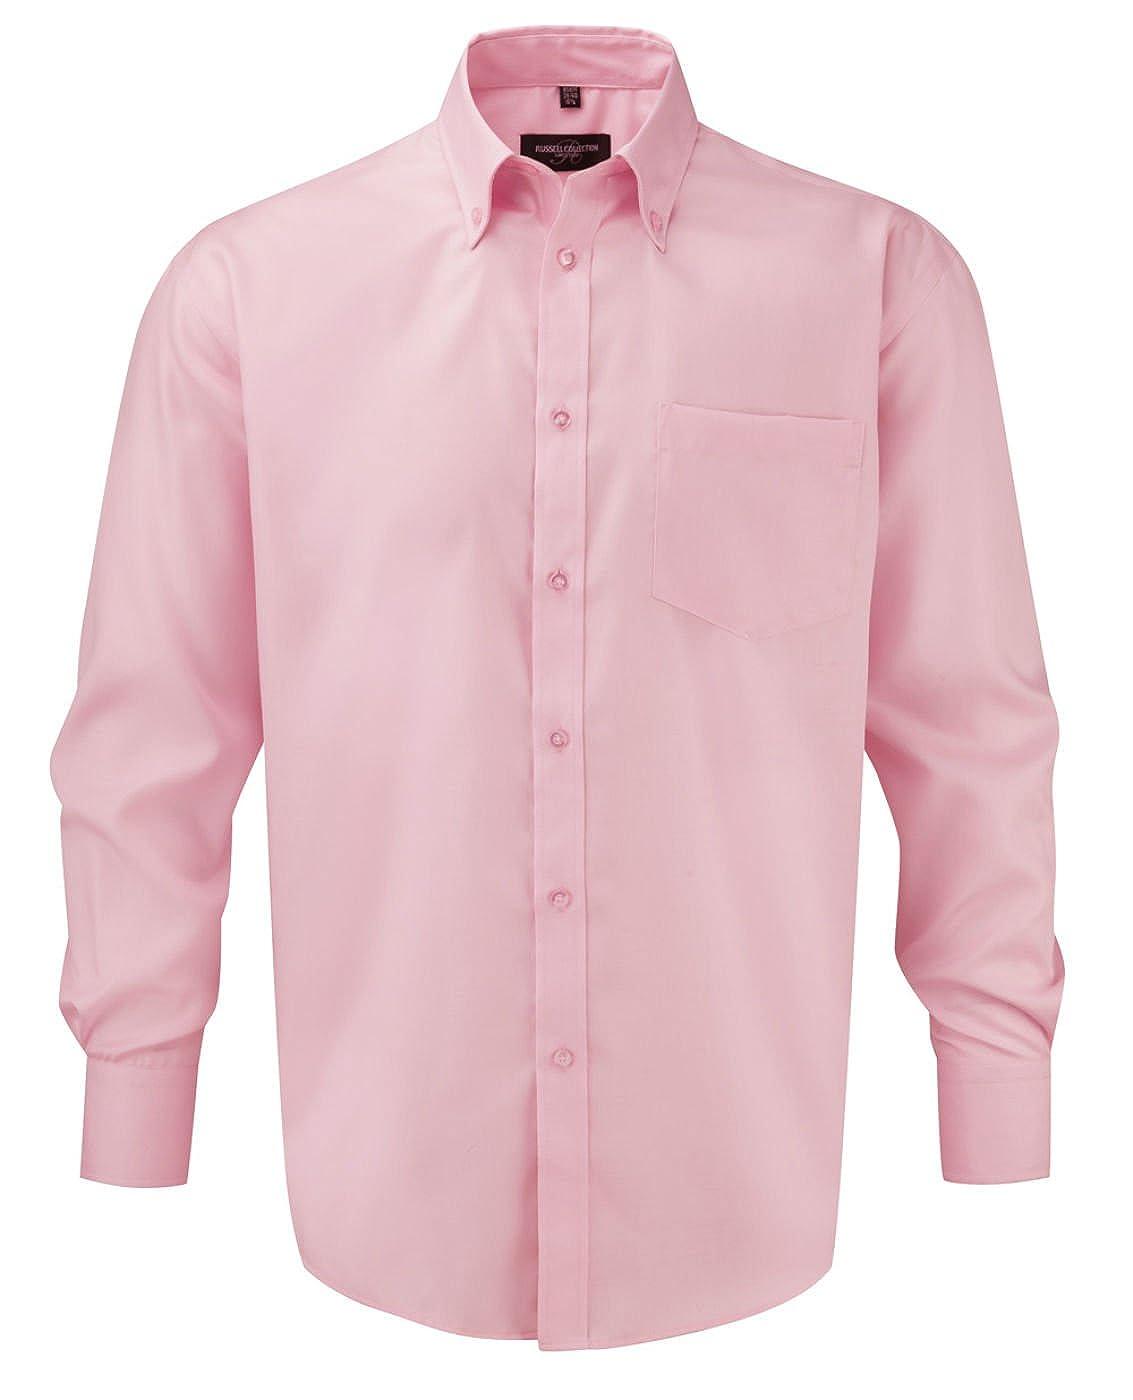 Russell Langarm Shirt Ultimate bügelfrei